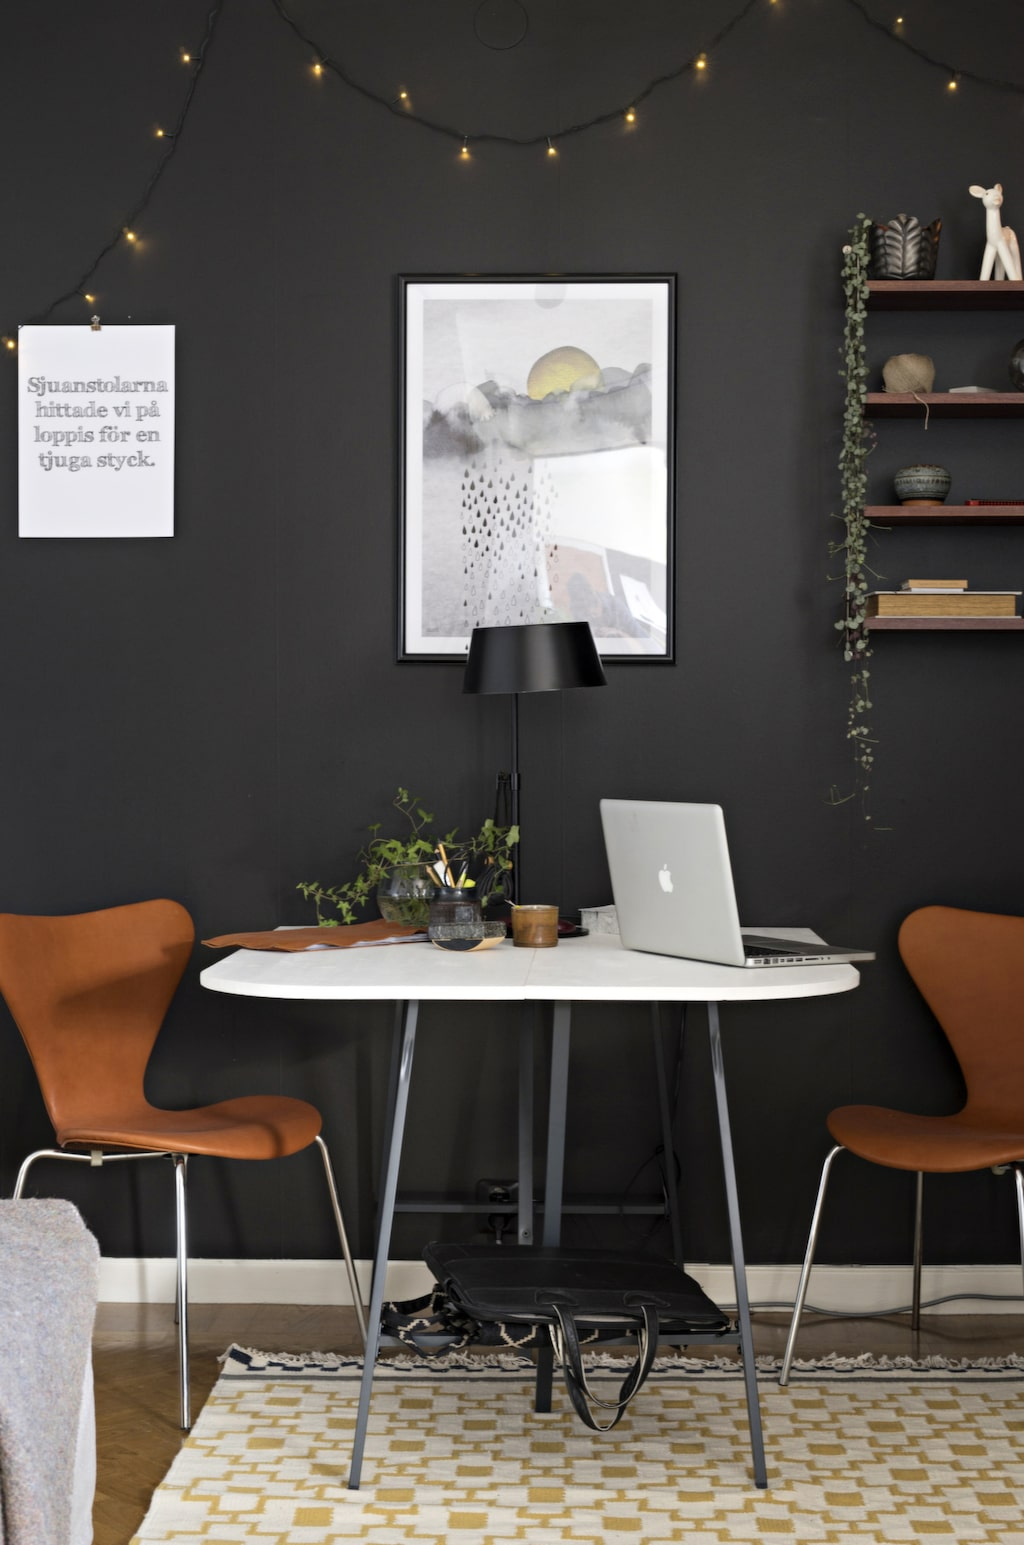 Den mörka fondväggen framhäver möblerna. Bordet är byggt av hyllplan i furu från Biltema och benbockar Lerberg från Ikea. Sjuanstolarna är Blocket-fynd som renoverats av Anna och som klätts med skinn från Tärnsjö garveri. Matta Alvine Ruta från Ikea.